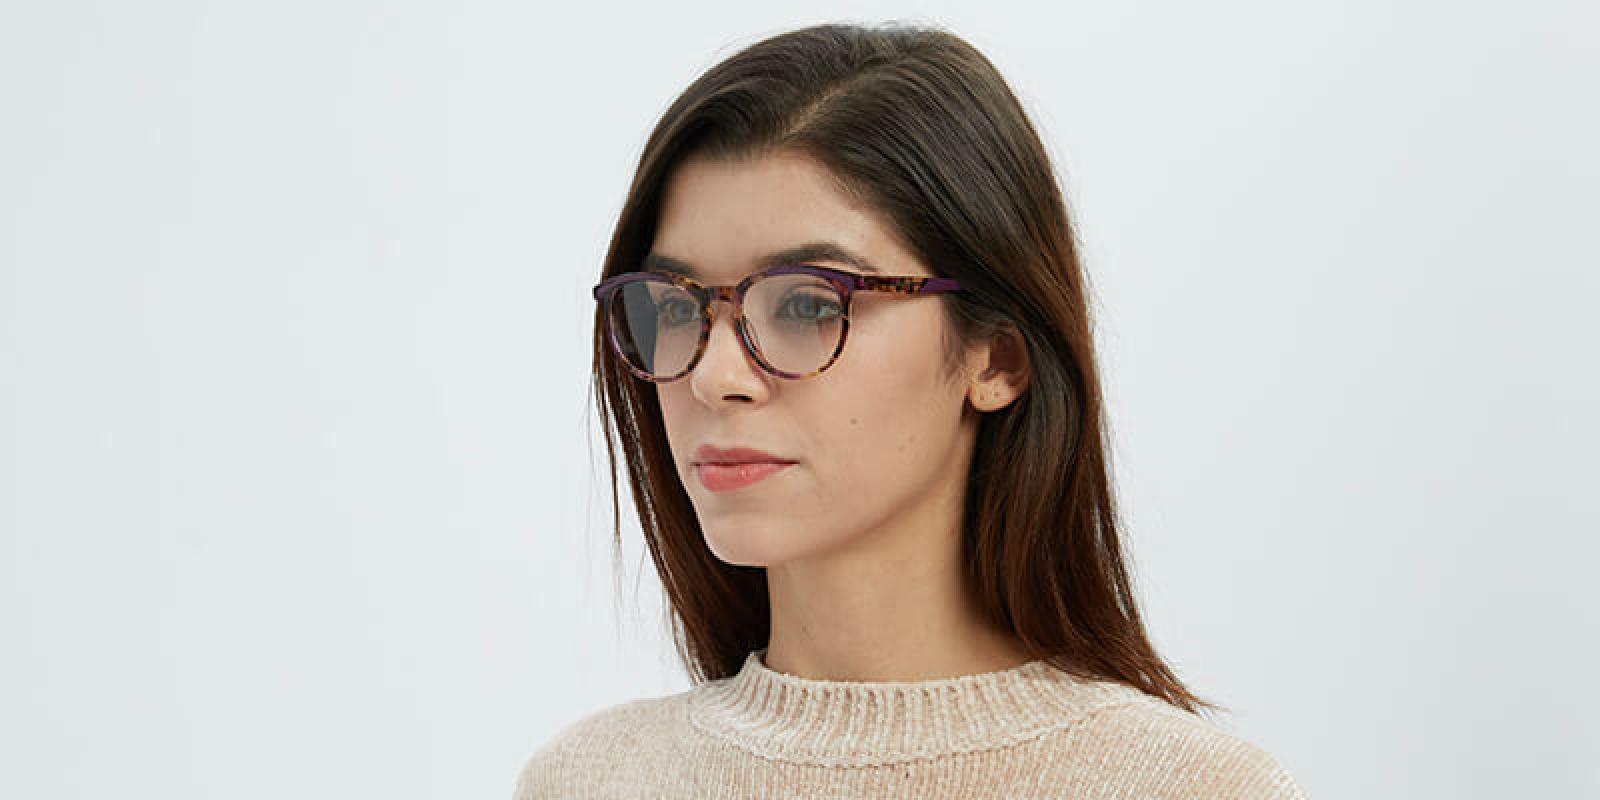 Deborah-Purple-Acetate-Eyeglasses-detail